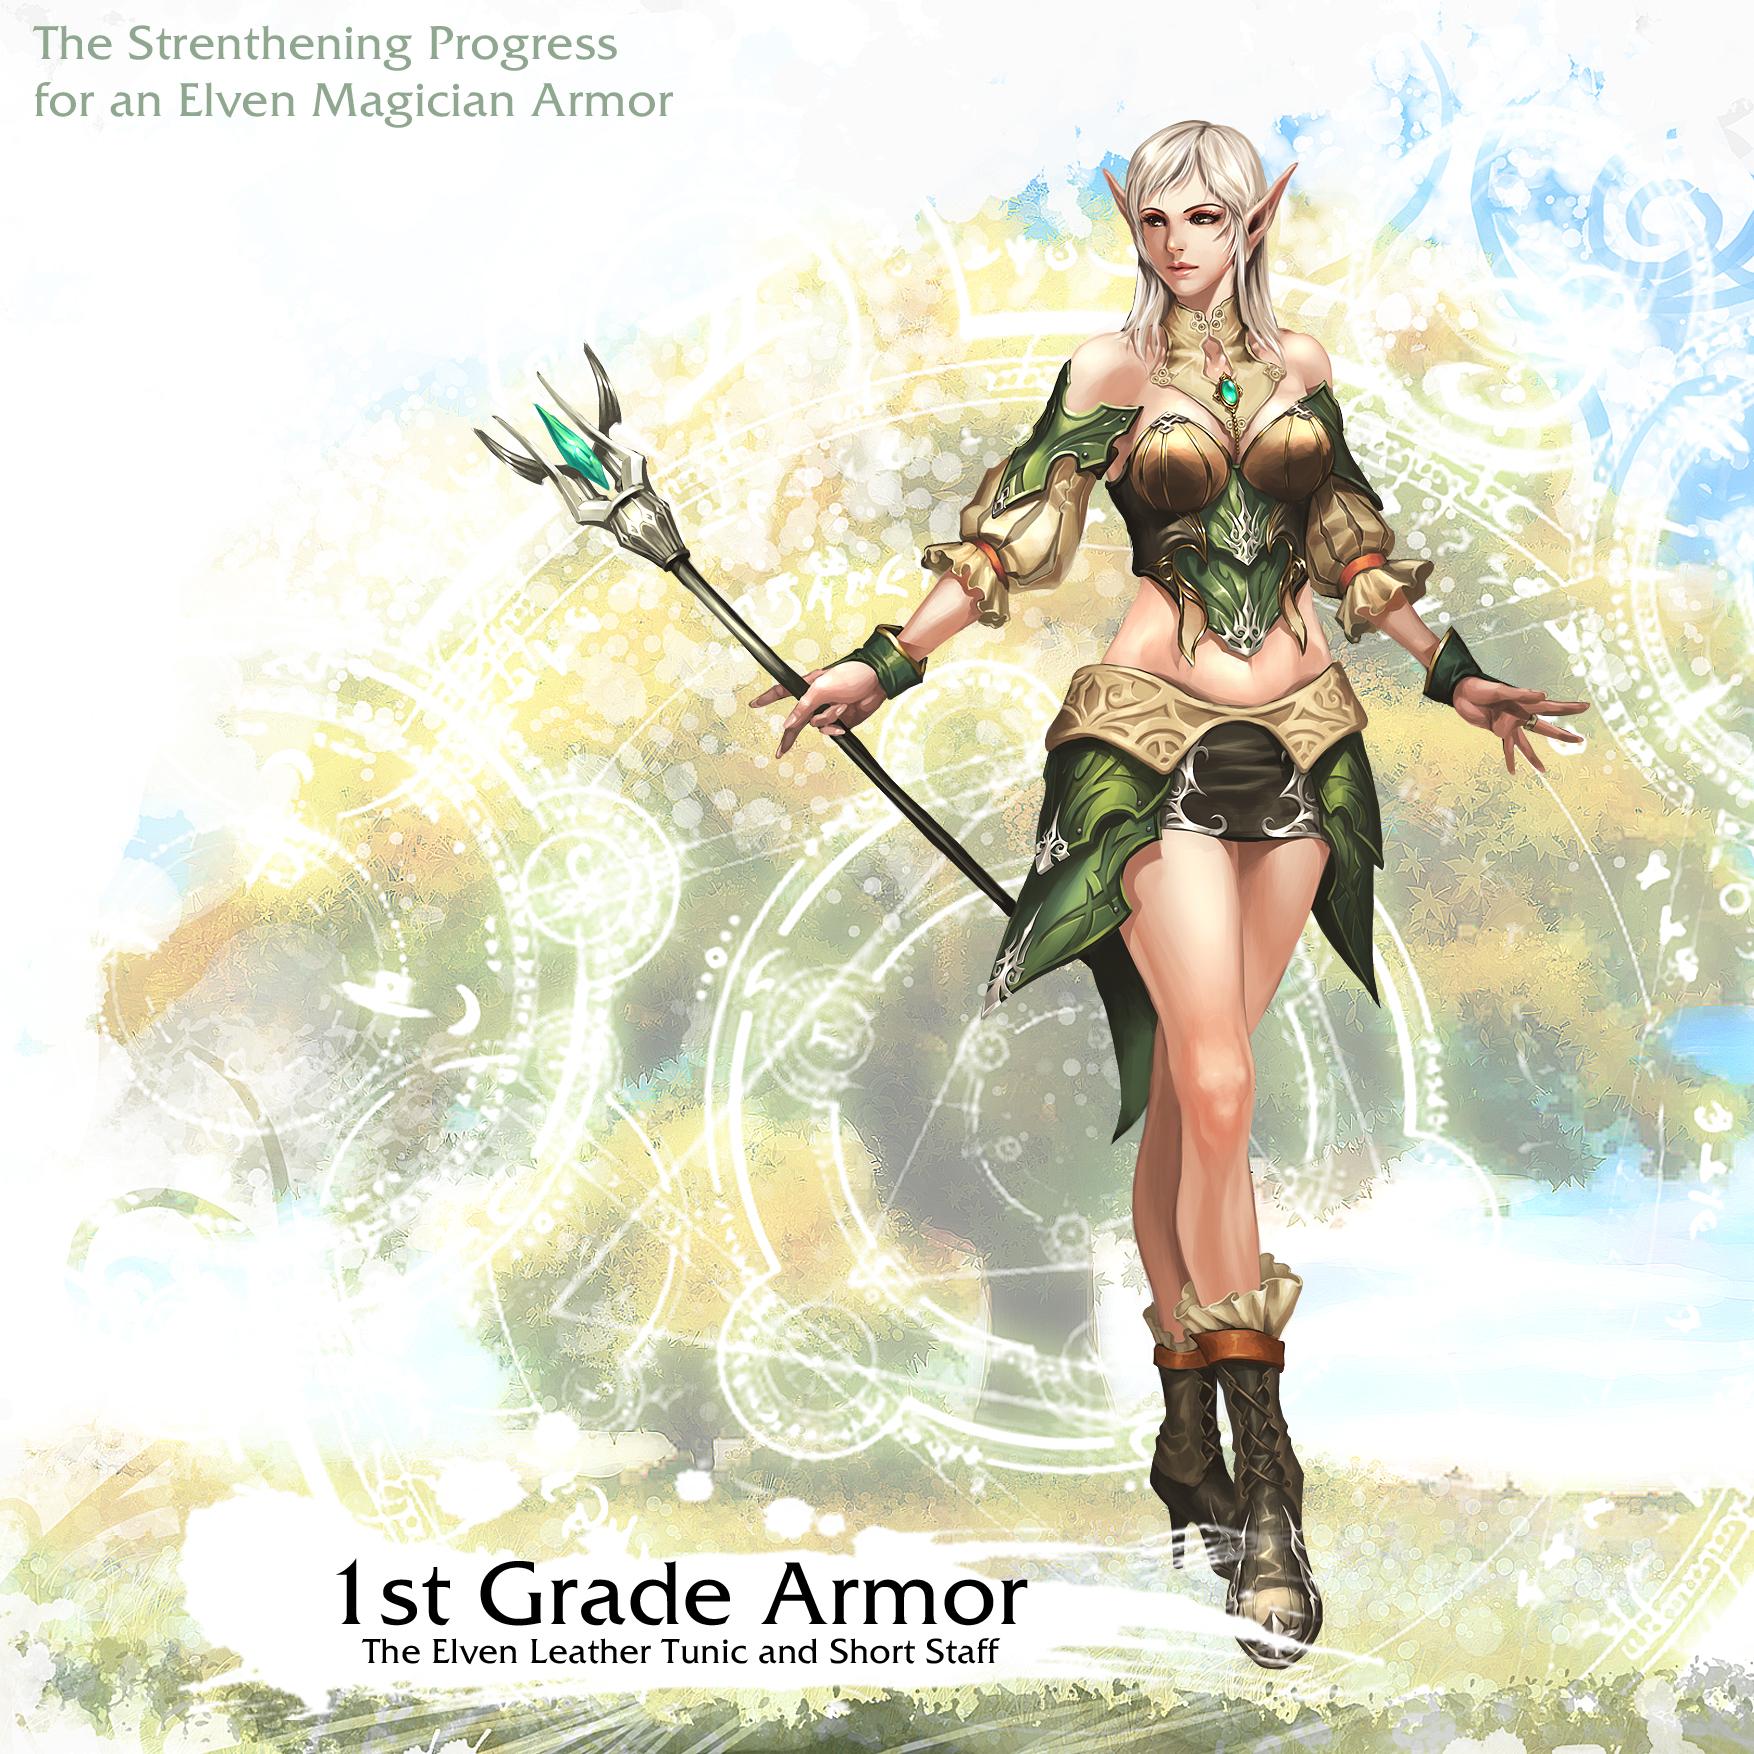 Elven Magician Armor 1st Grade